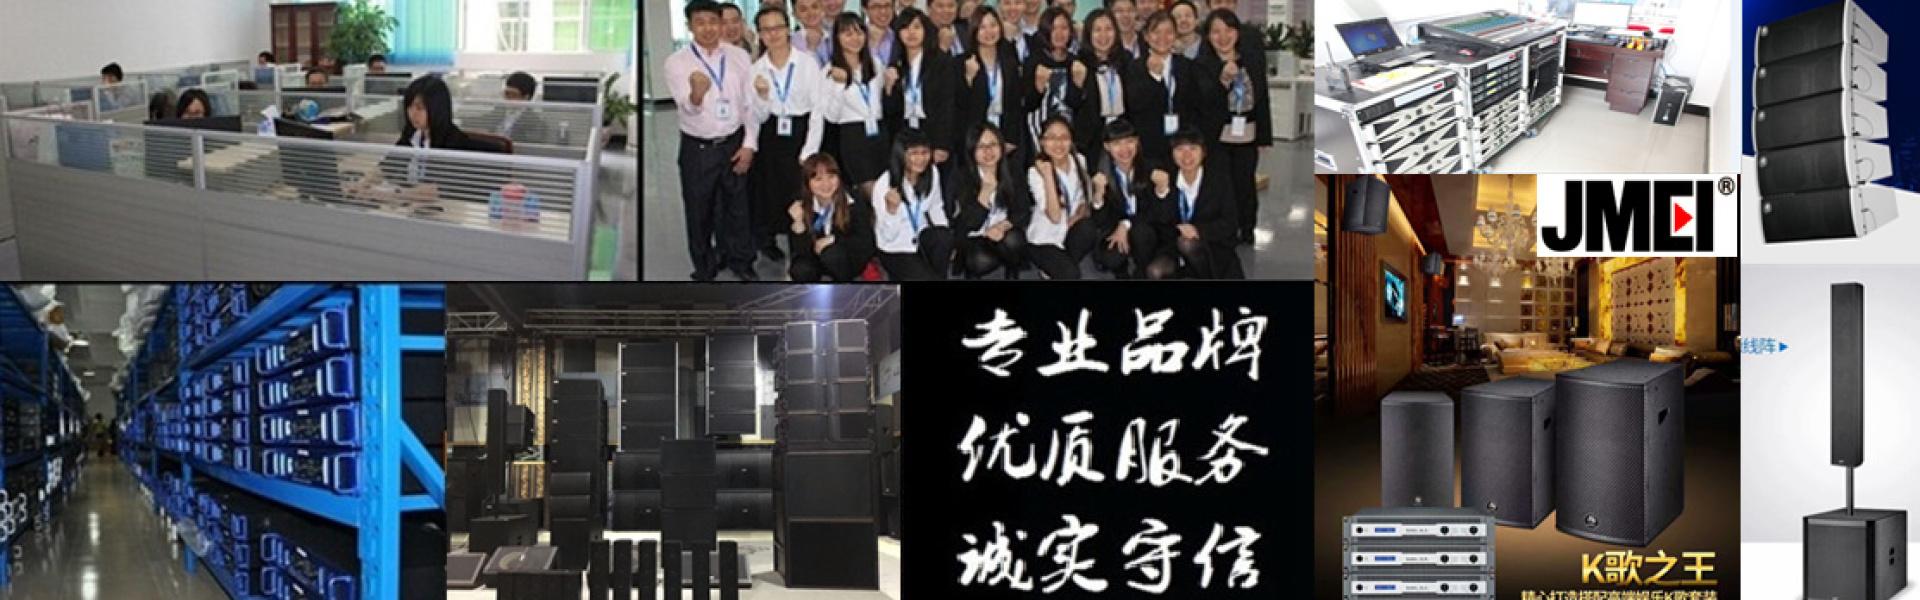 JMEI专业音响,J&MEI专业功放,四通道功放,有源音箱,专业音箱